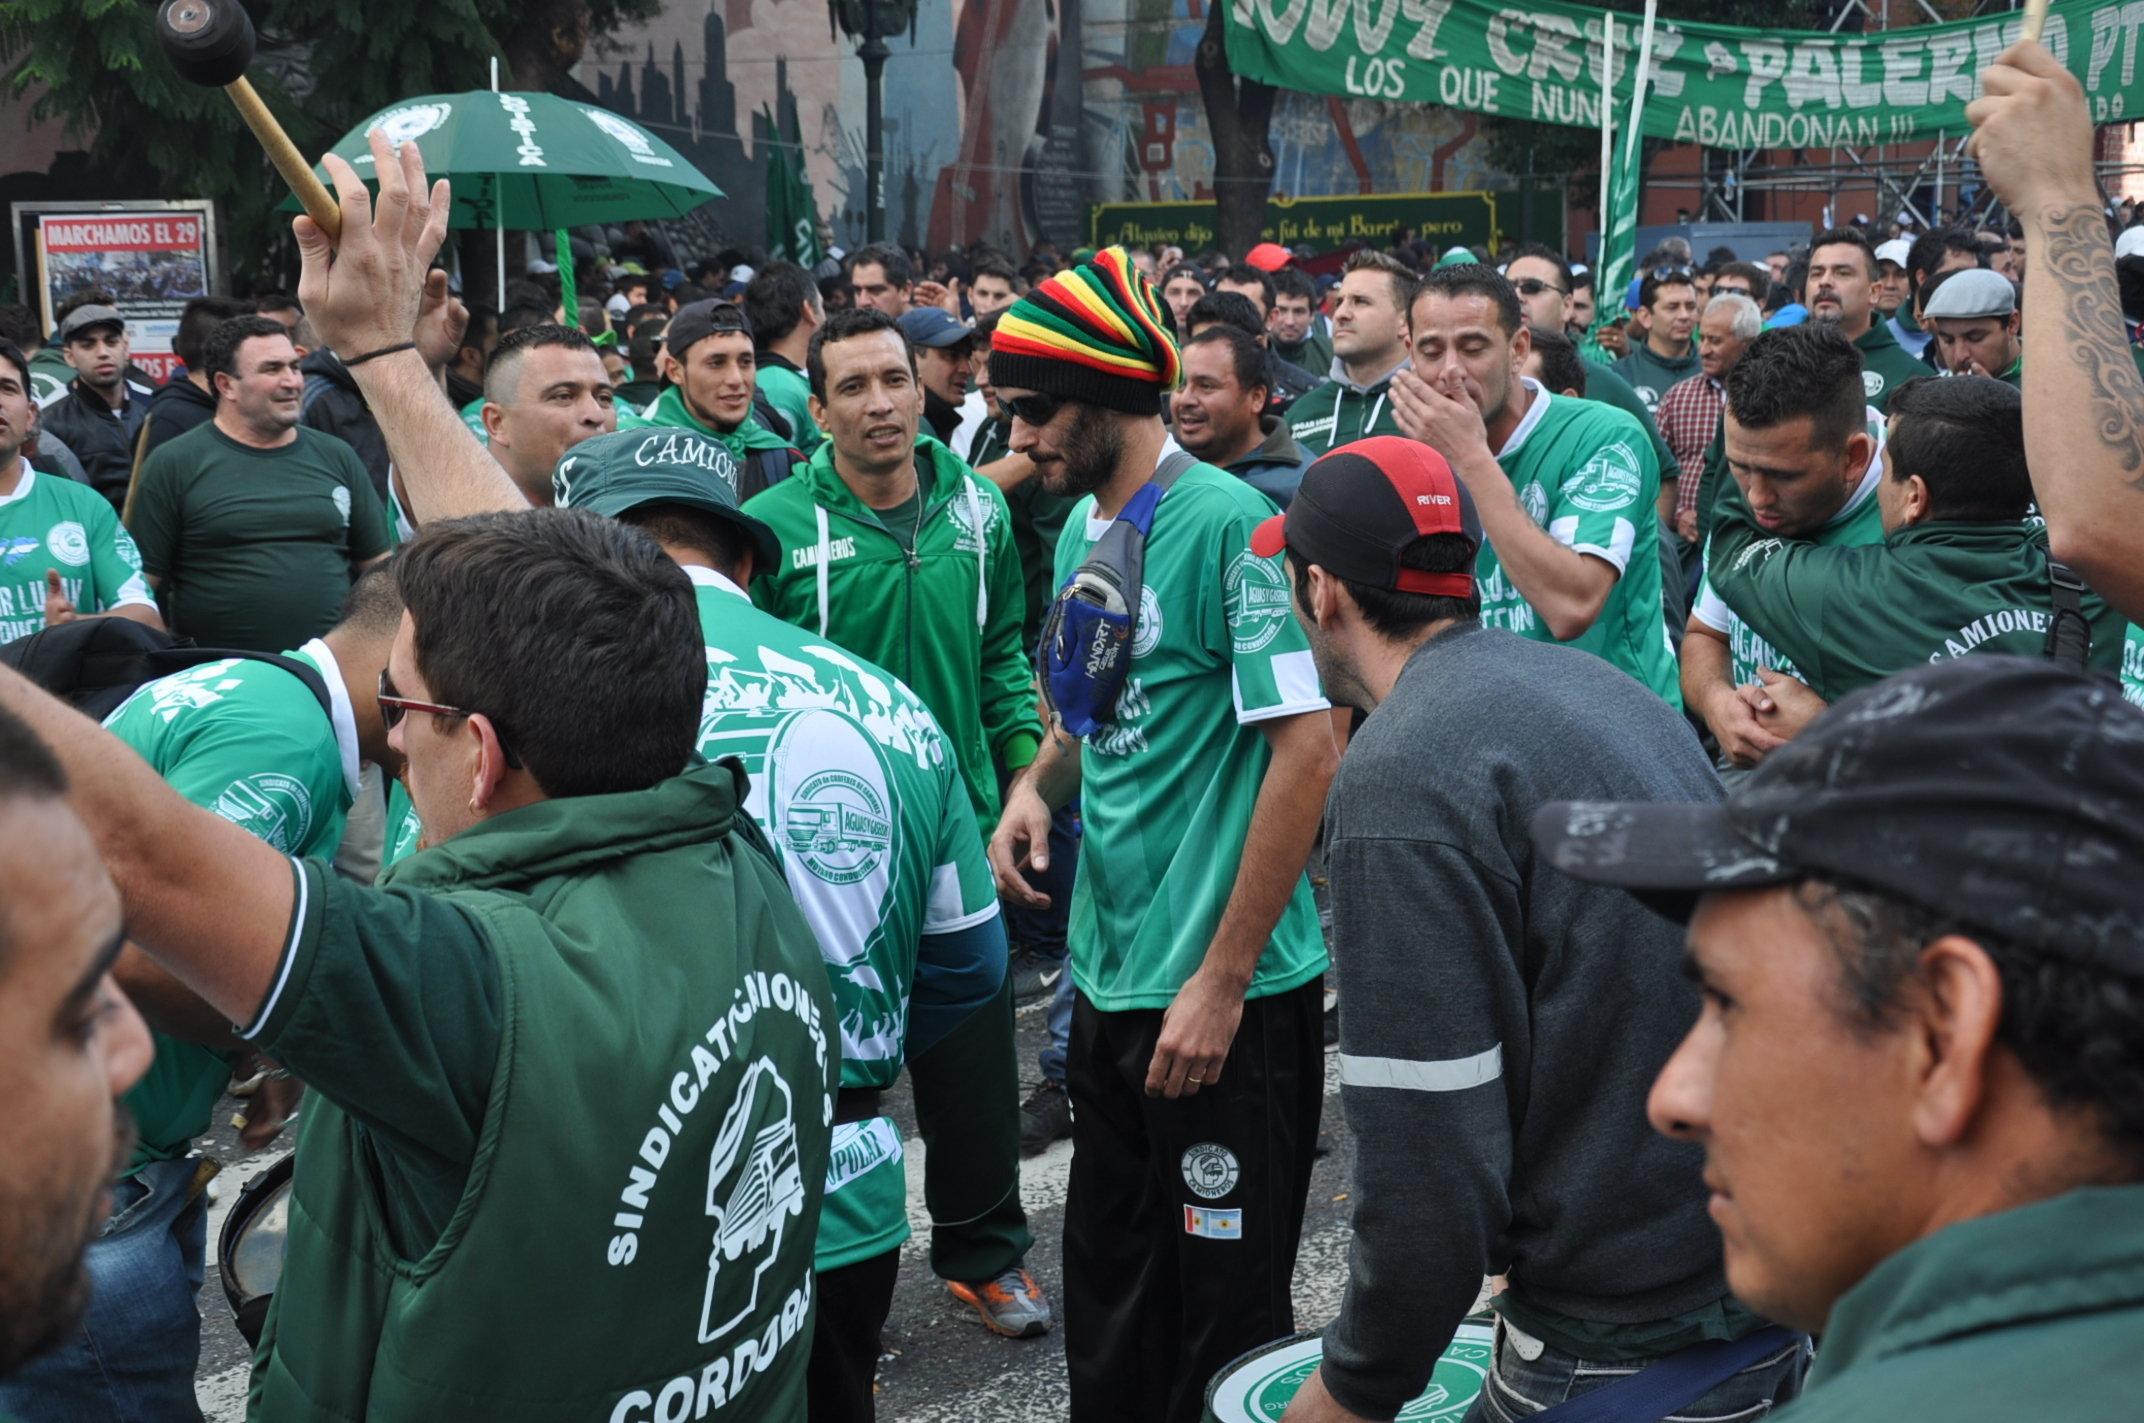 Movilización del Sindicato de Choferes de Camiones.